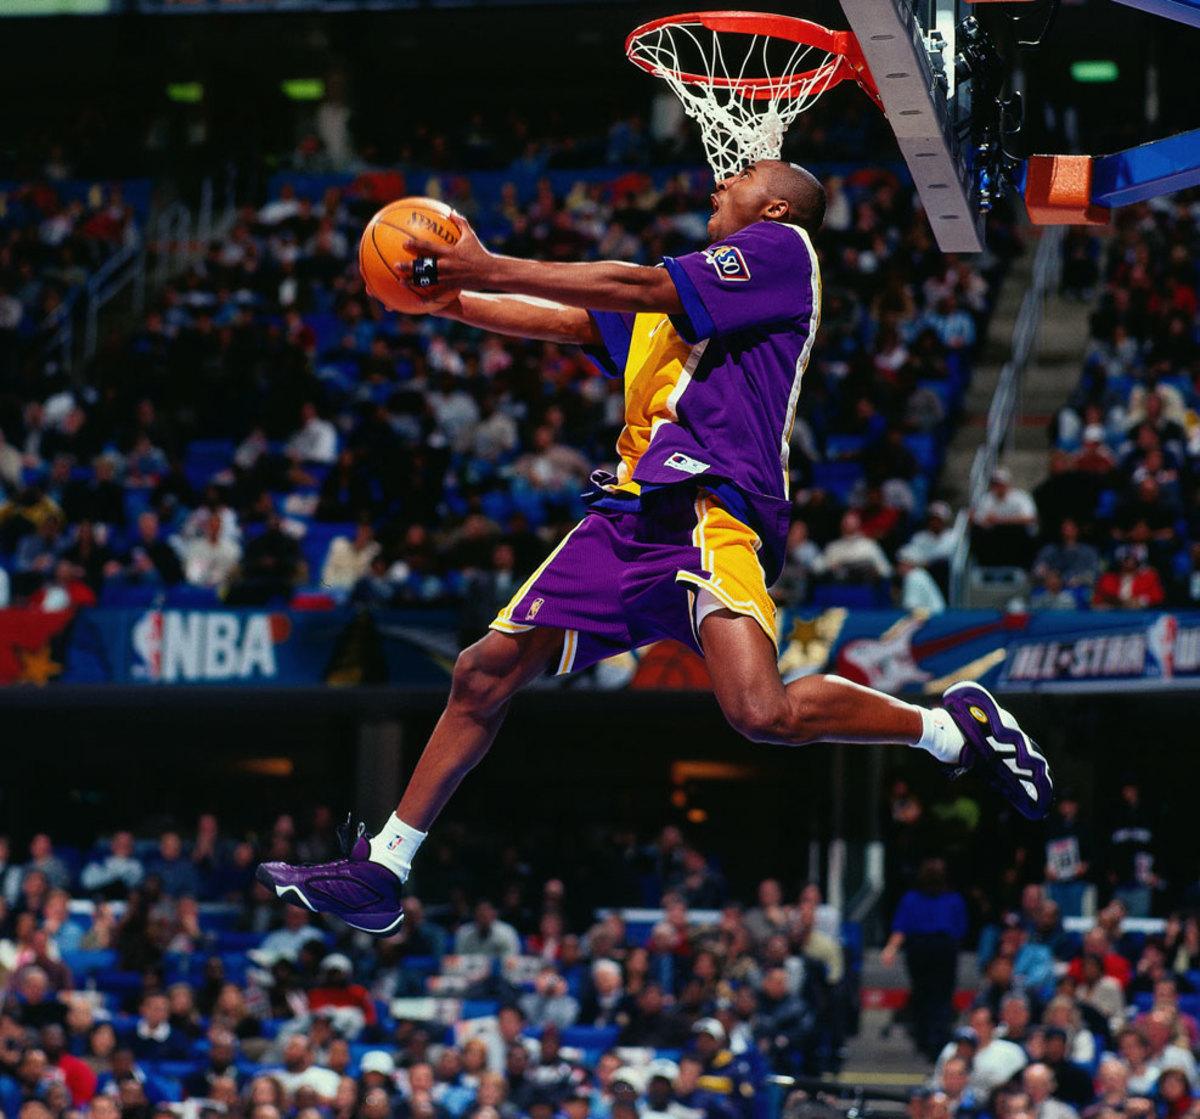 1997-Kobe-Bryant.jpg